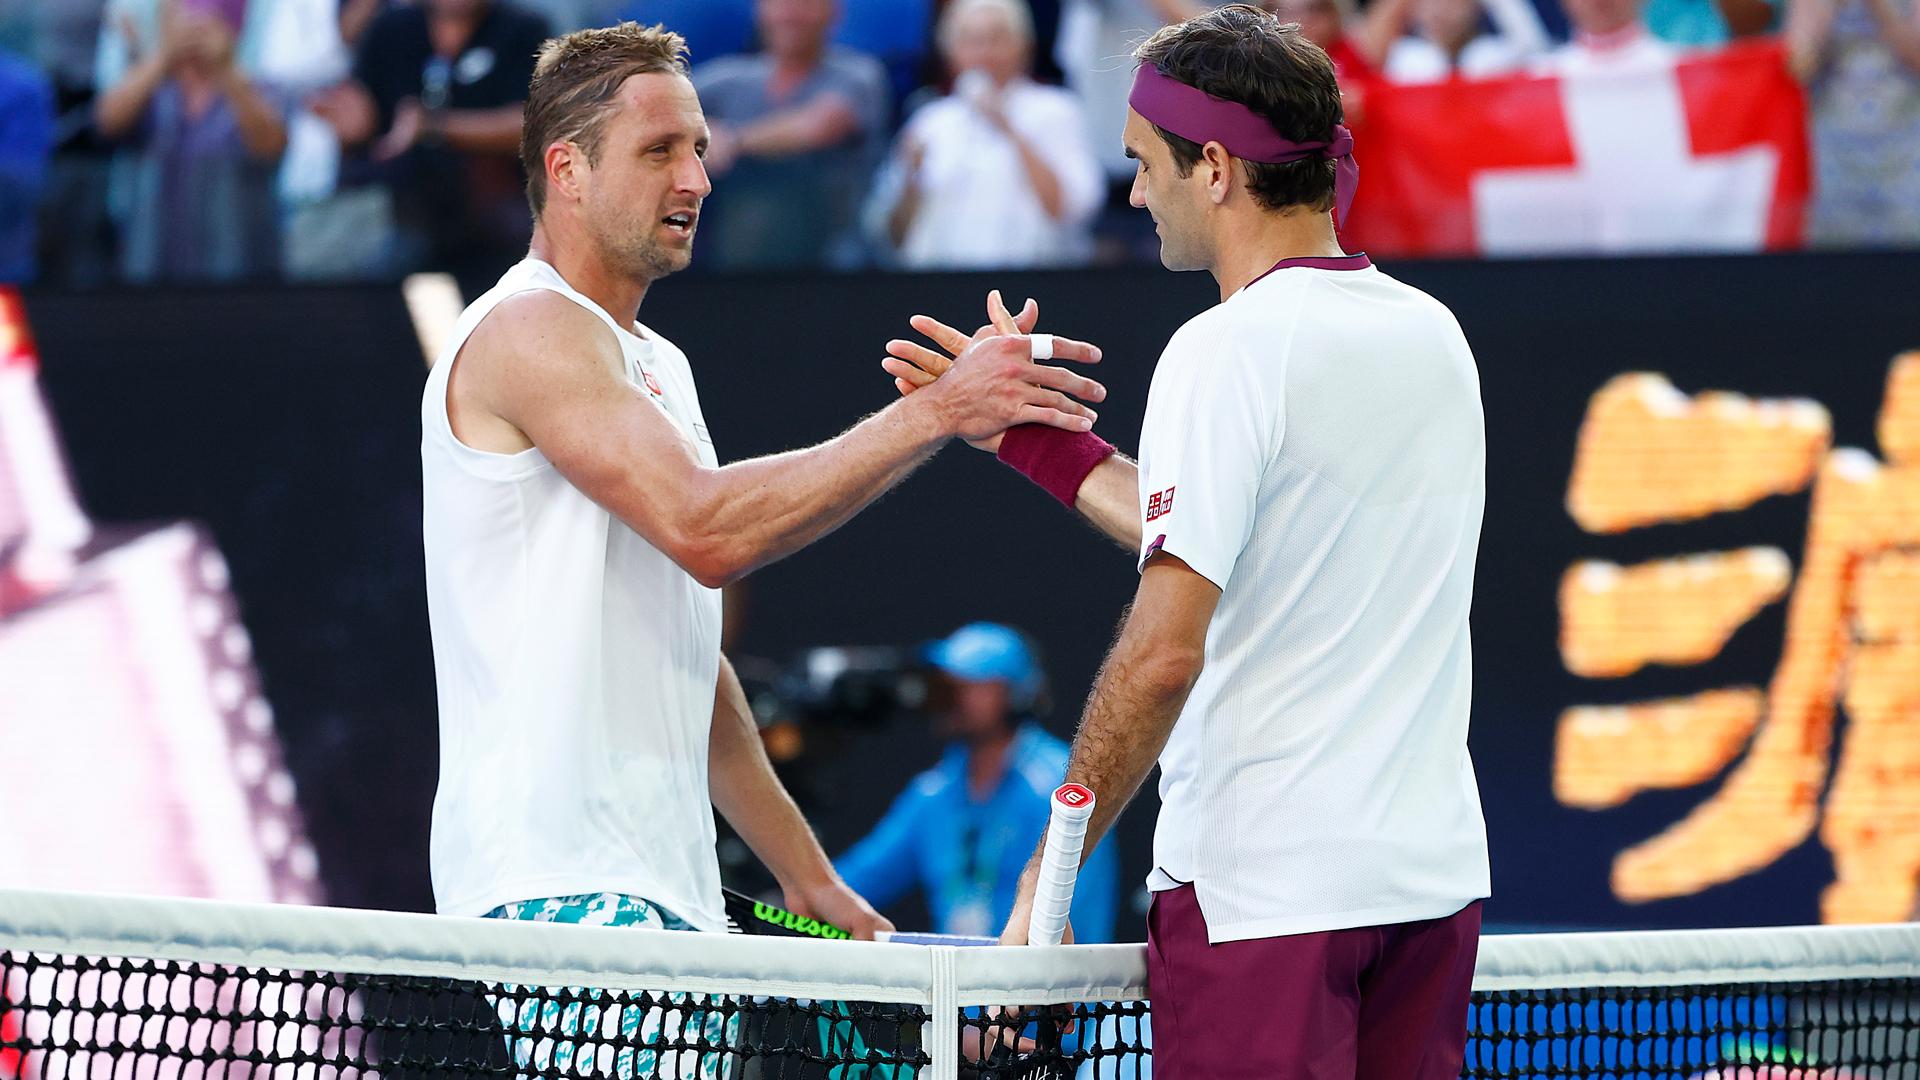 Australian Open 2020: The seven match points Roger Federer saved against Tennys Sandgren